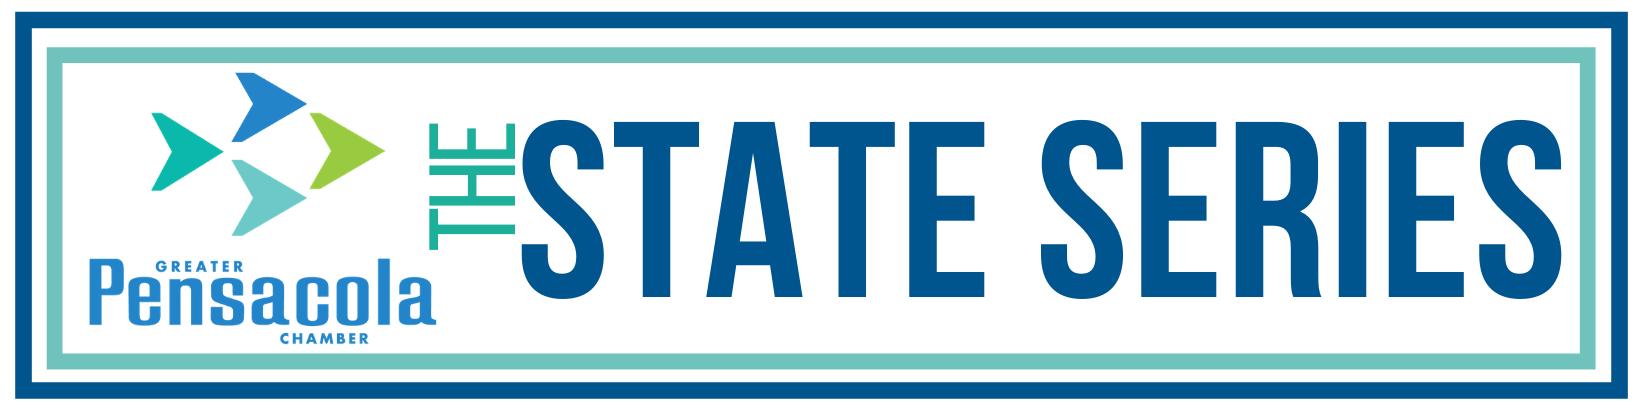 _State of_ logo (1)